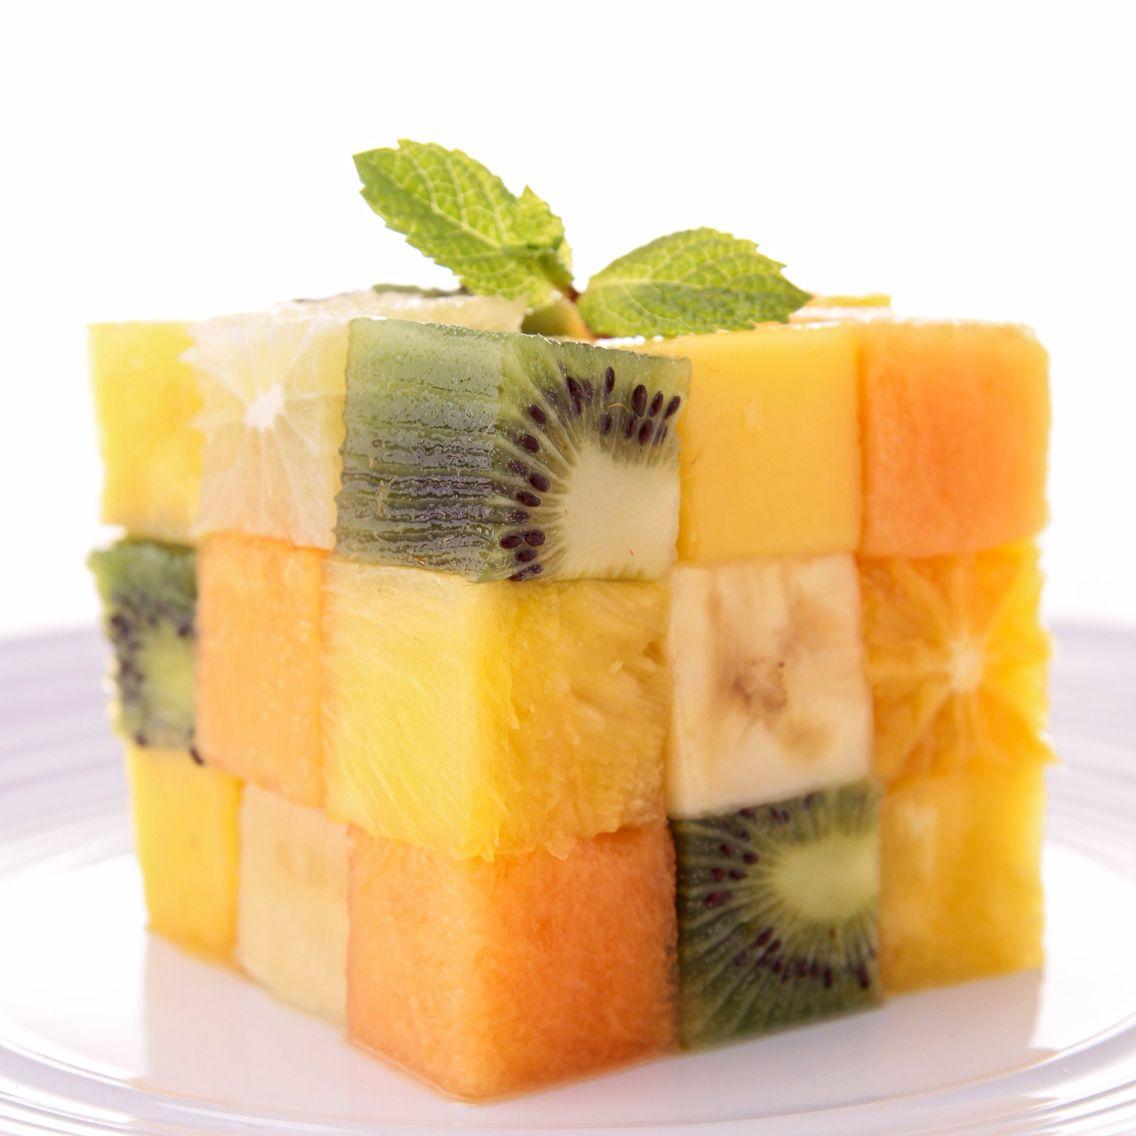 Fruit rubriks cube! Smart for å lære barn hvordan frukt bygger oss opp helsemessig - slik som denne kuben.